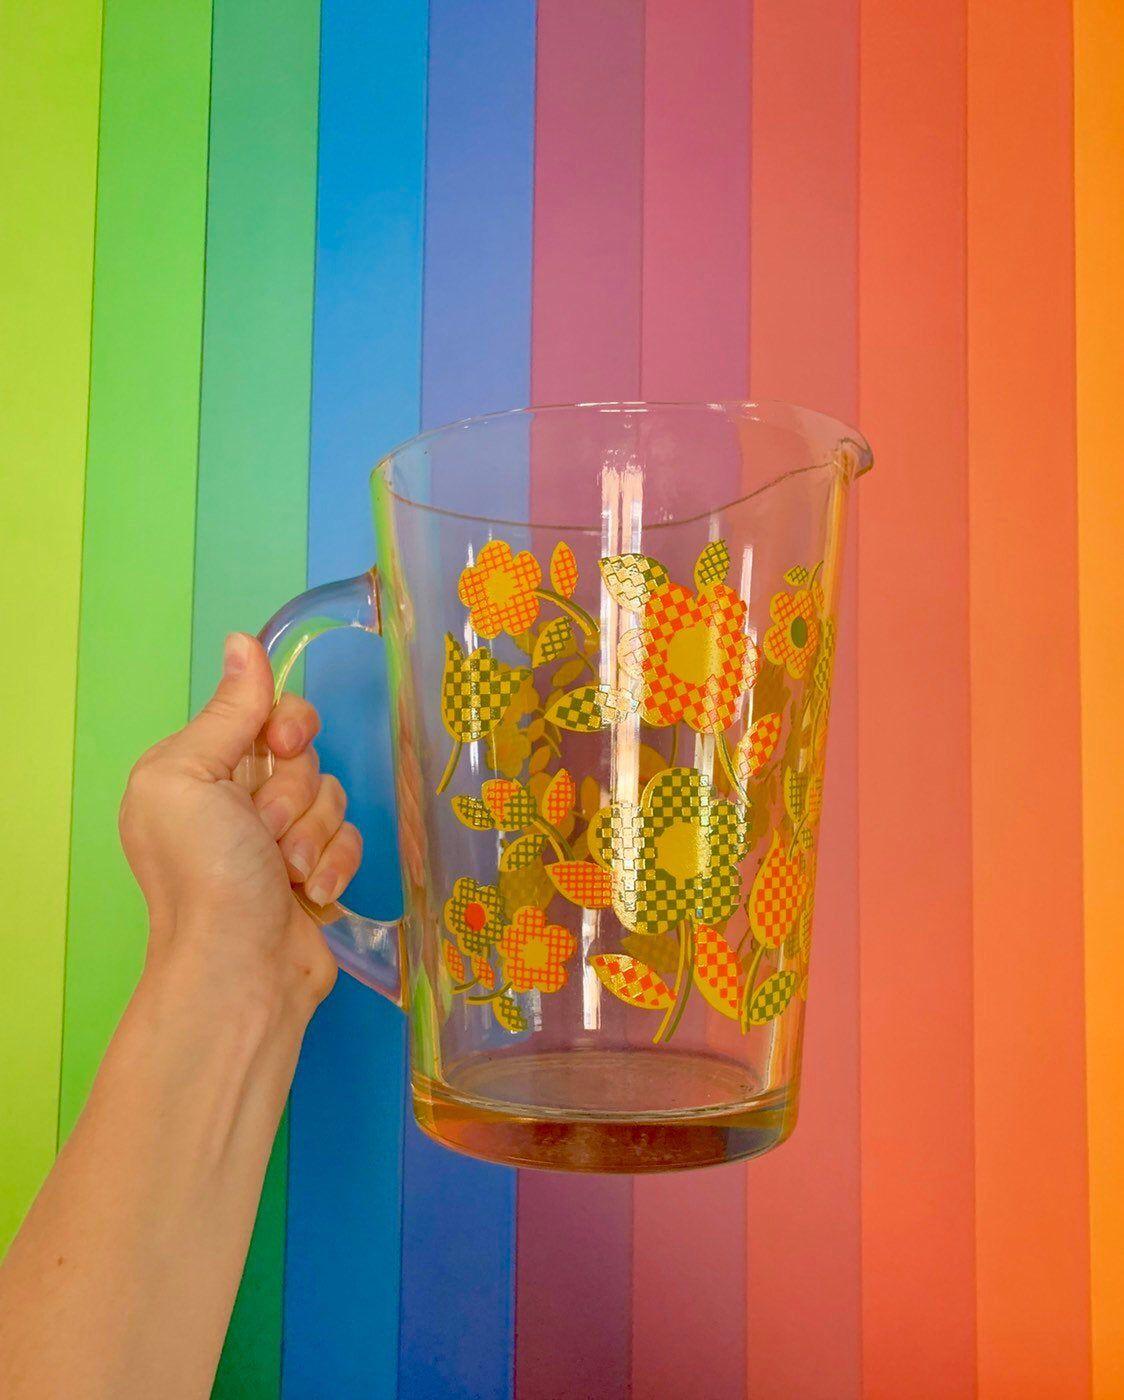 Mod 1960er Jahre Flower Power Glas Krug / / Vintage 60er Jahre 70er Jahre ICONIC Saft Tumbler Geschirr retro kitschig dienen Verschleiß Wohnkultur Getränk Ware, #1960er #60er #70er #dienen #Drink-wareandGifts #Flower #Geschirr #Getränk #Glas #ICONIC #Jahre #kitschig #Krug #Mod #Power #Retro #Saft #Tumbler #Verschleiß #Vintage #ware #Wohnkultur